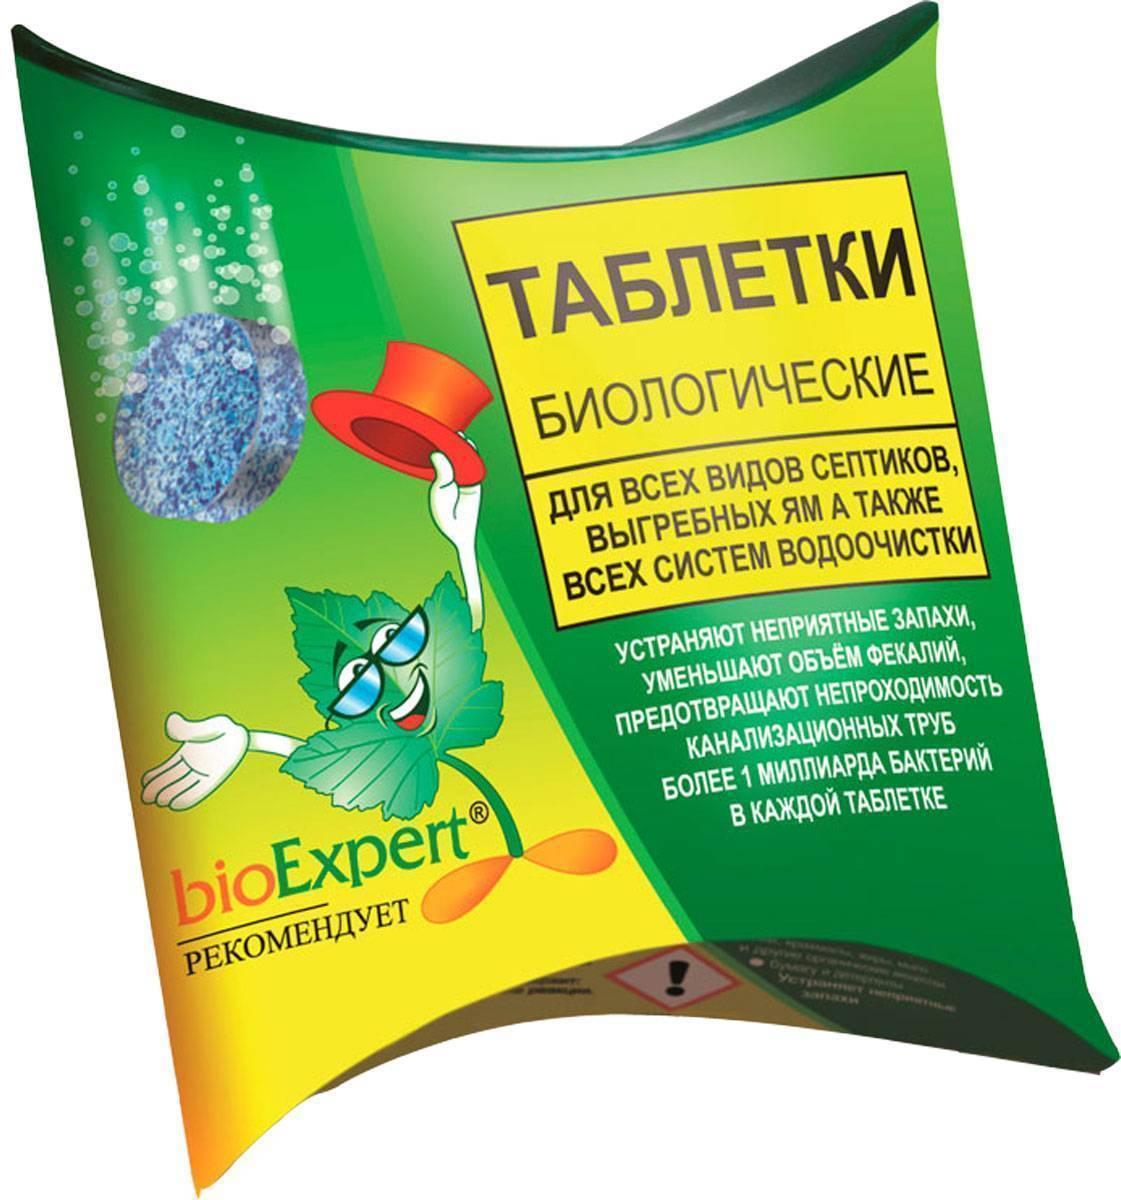 Выбираем лучшее средство для дачного туалета, обзор популярной продукции